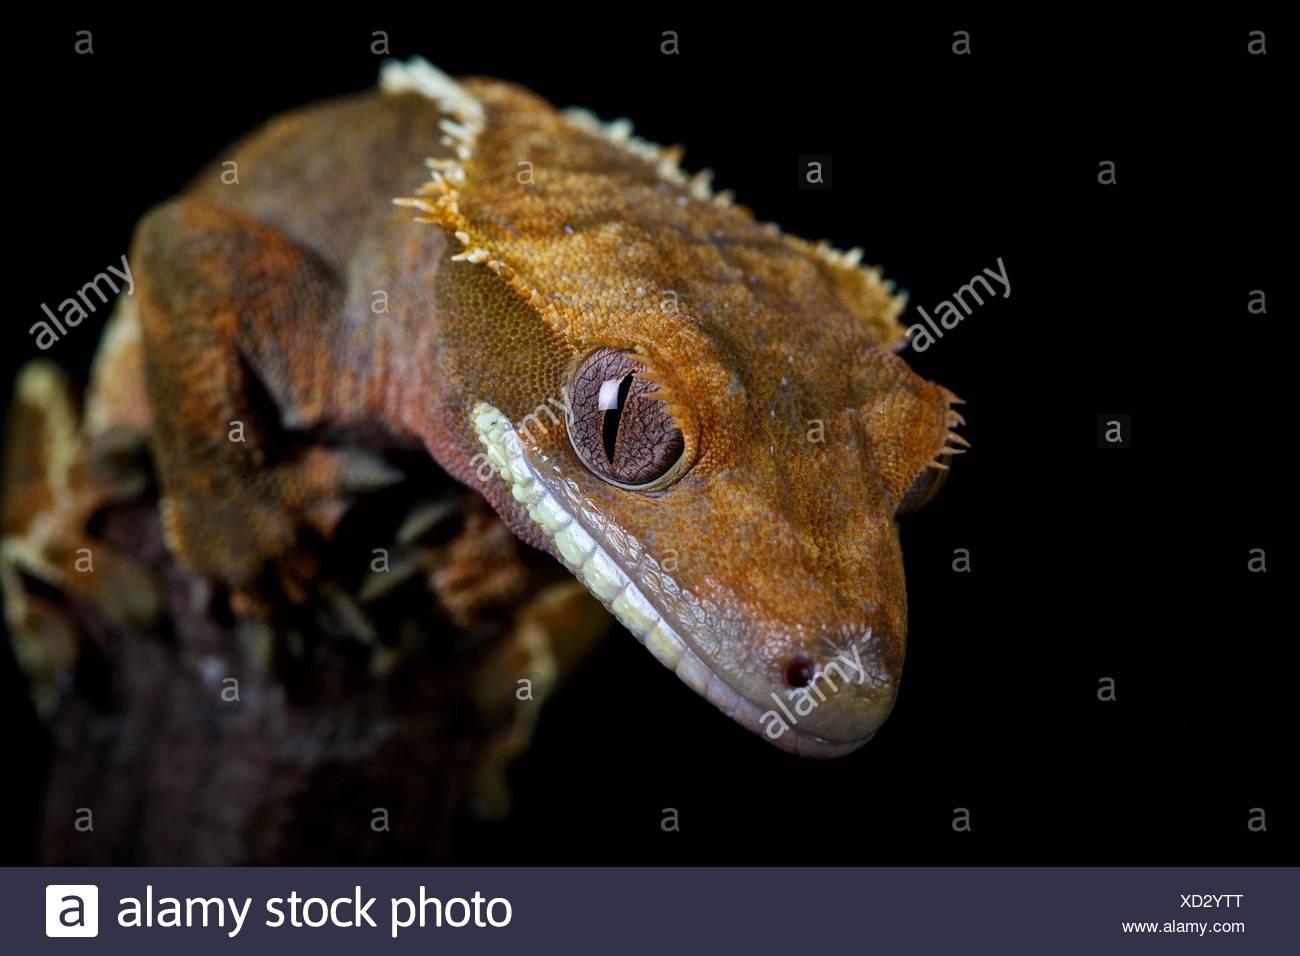 Gefangenschaft, Private Sammlung Crested Gecko Stockfoto